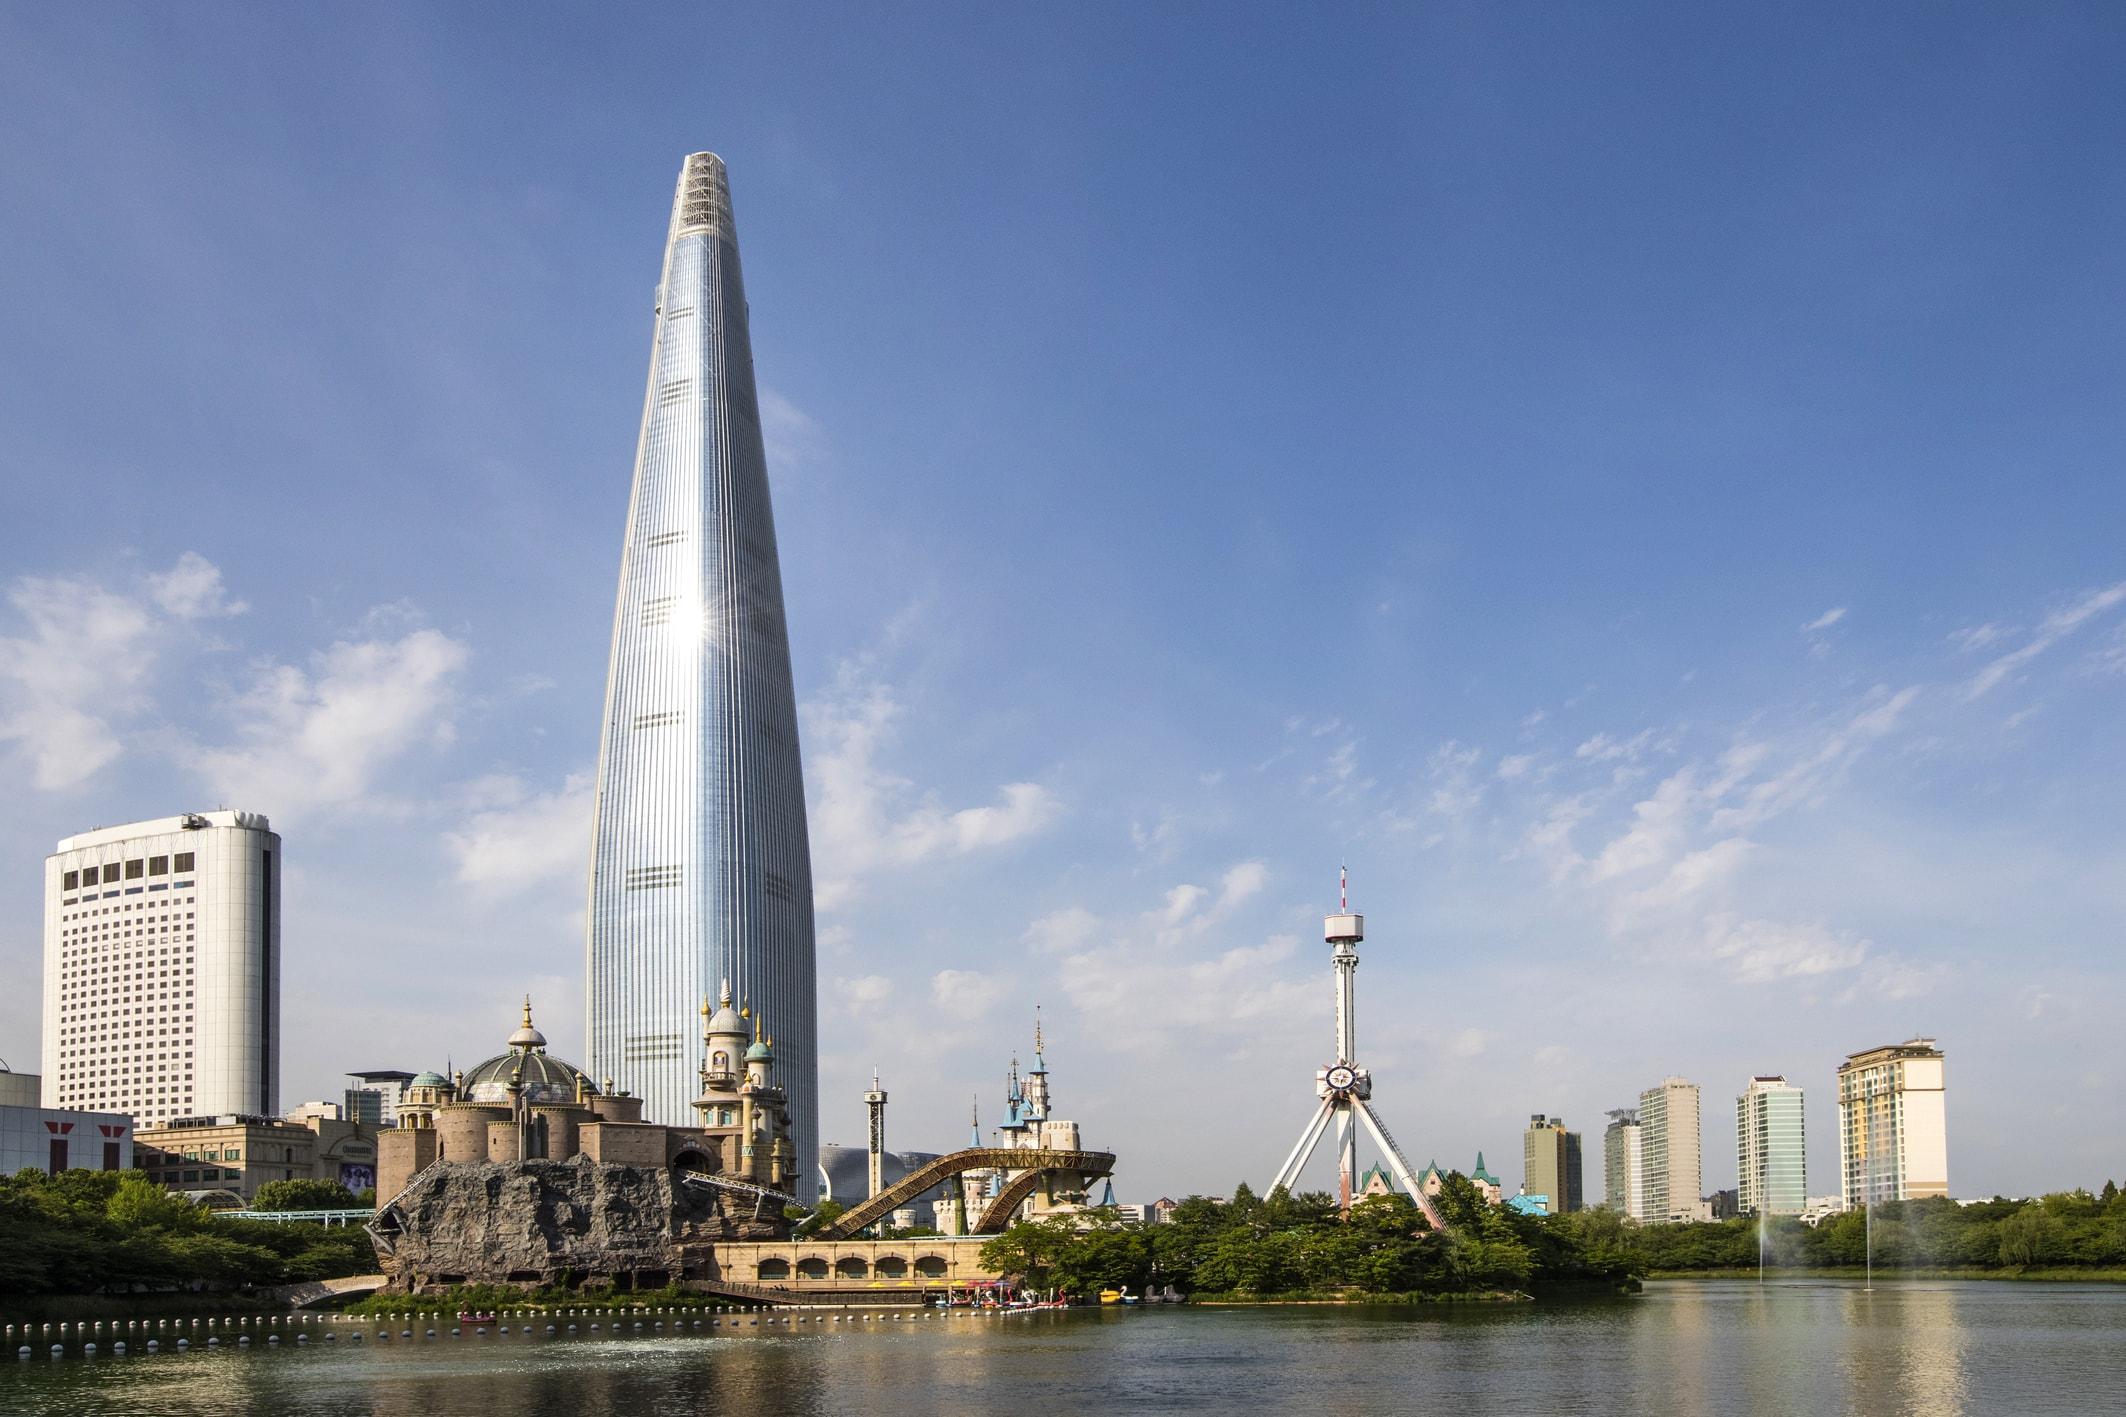 「樂天世界塔觀景台SEOUL SKY」的圖片搜尋結果